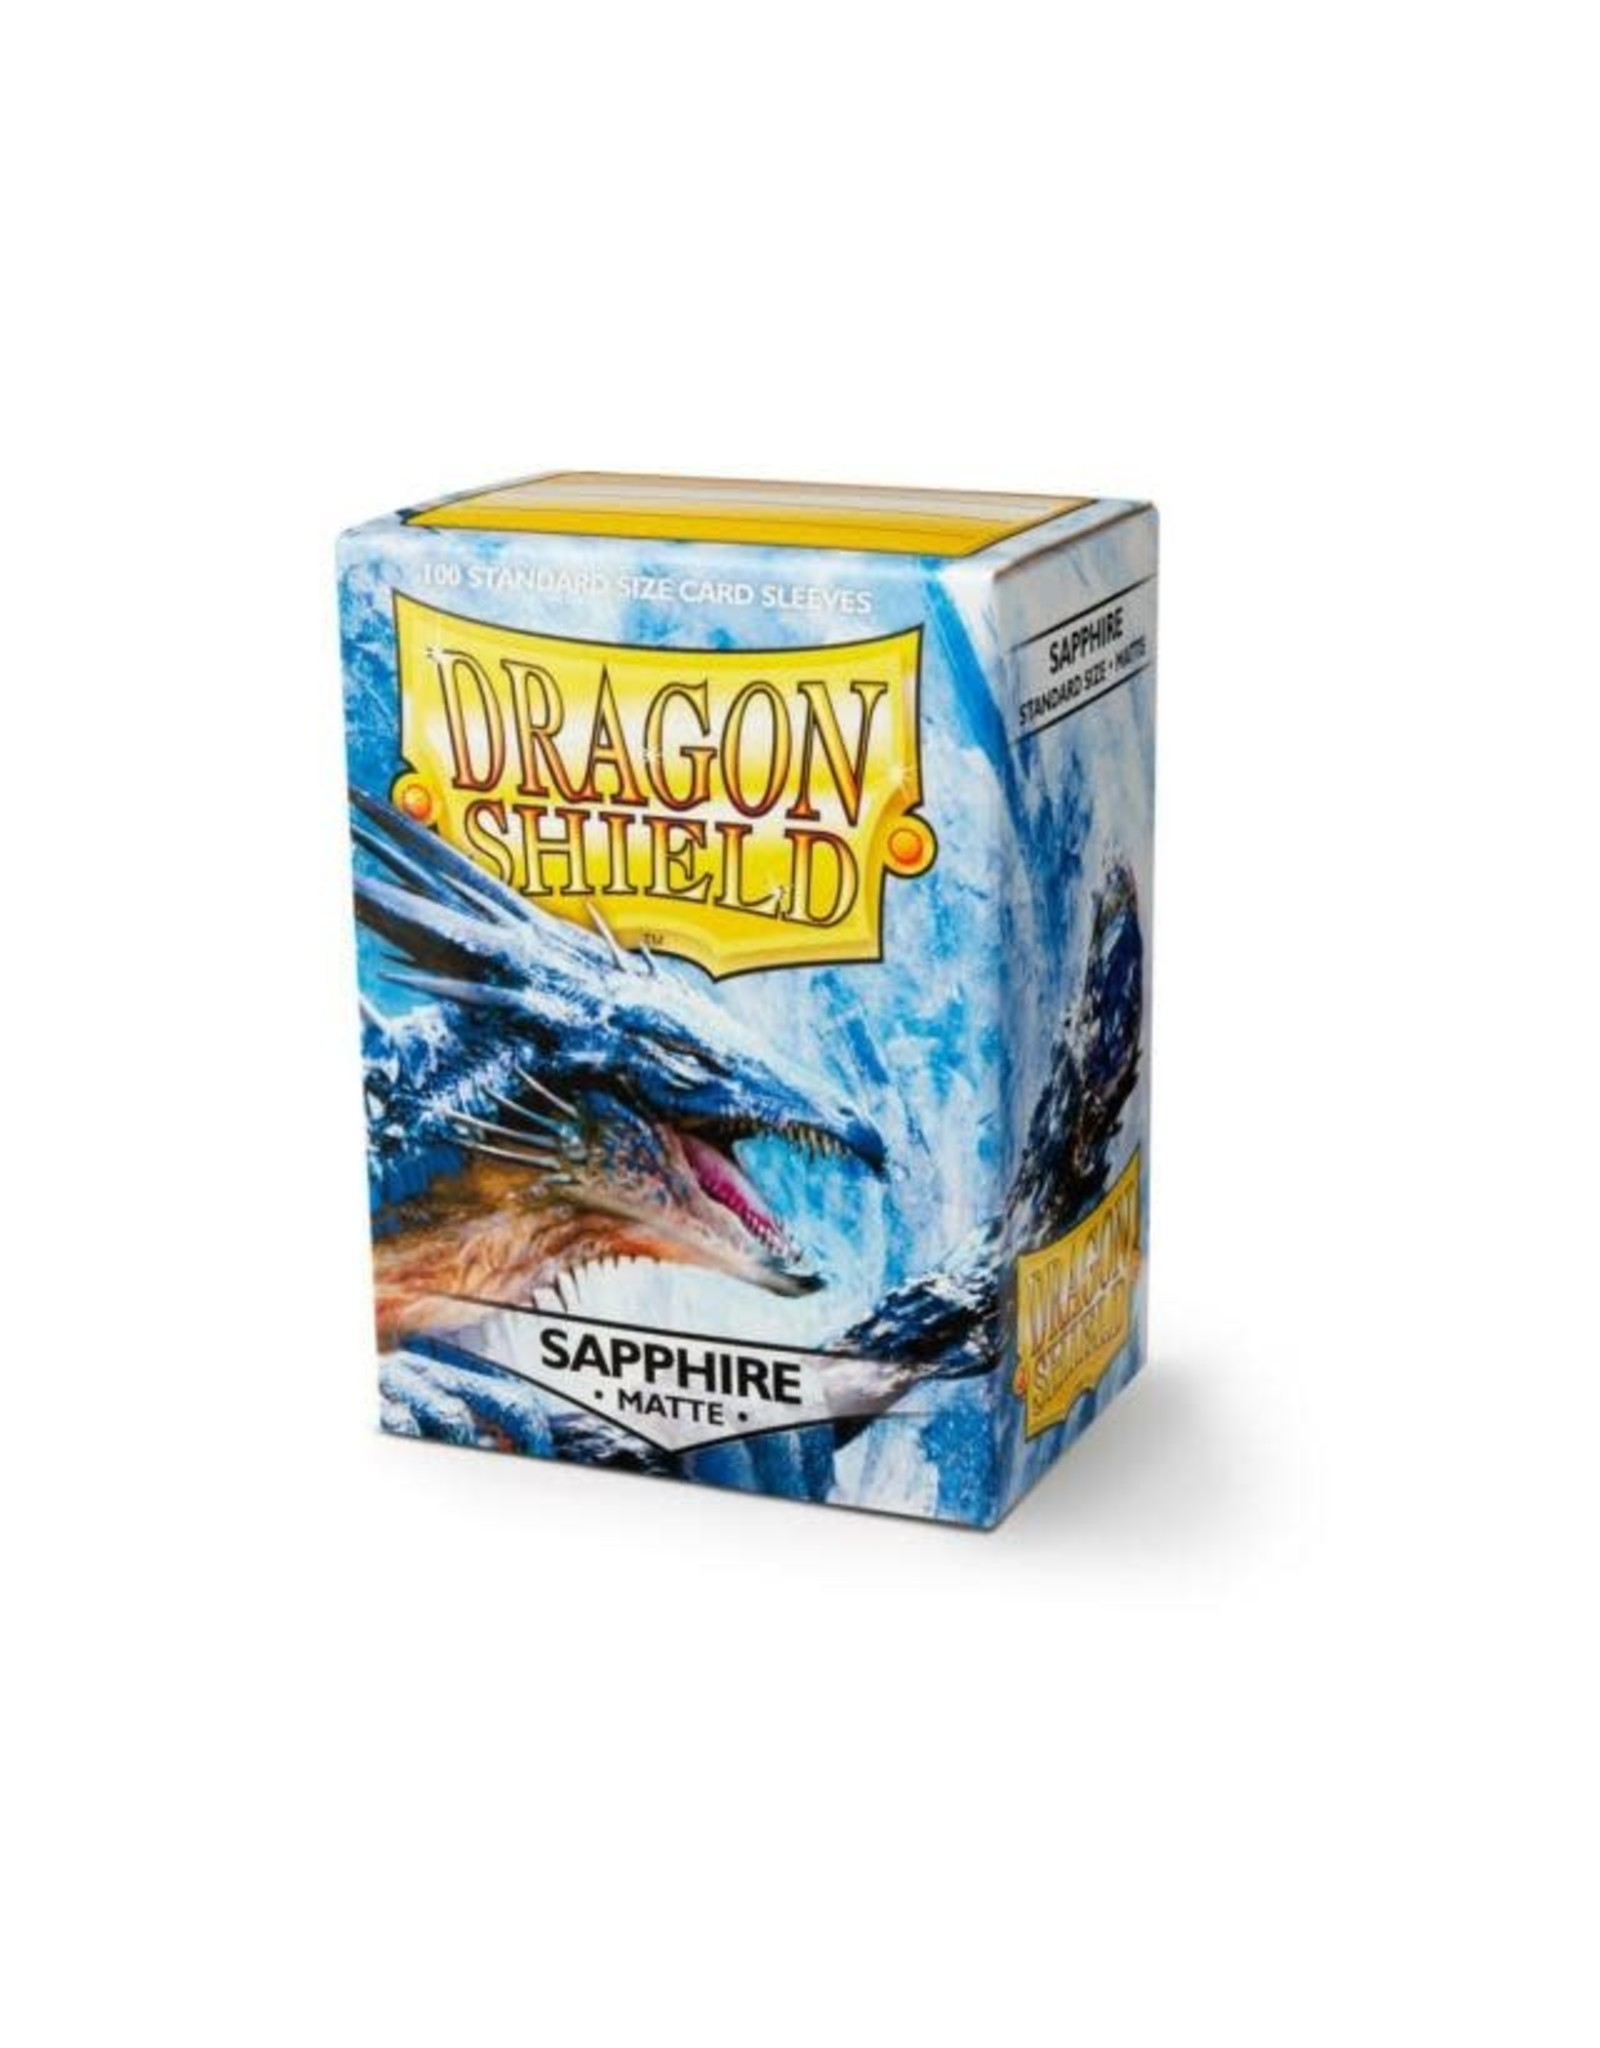 Dragon Shield Dragon Shields: (100) Matte Sapphire